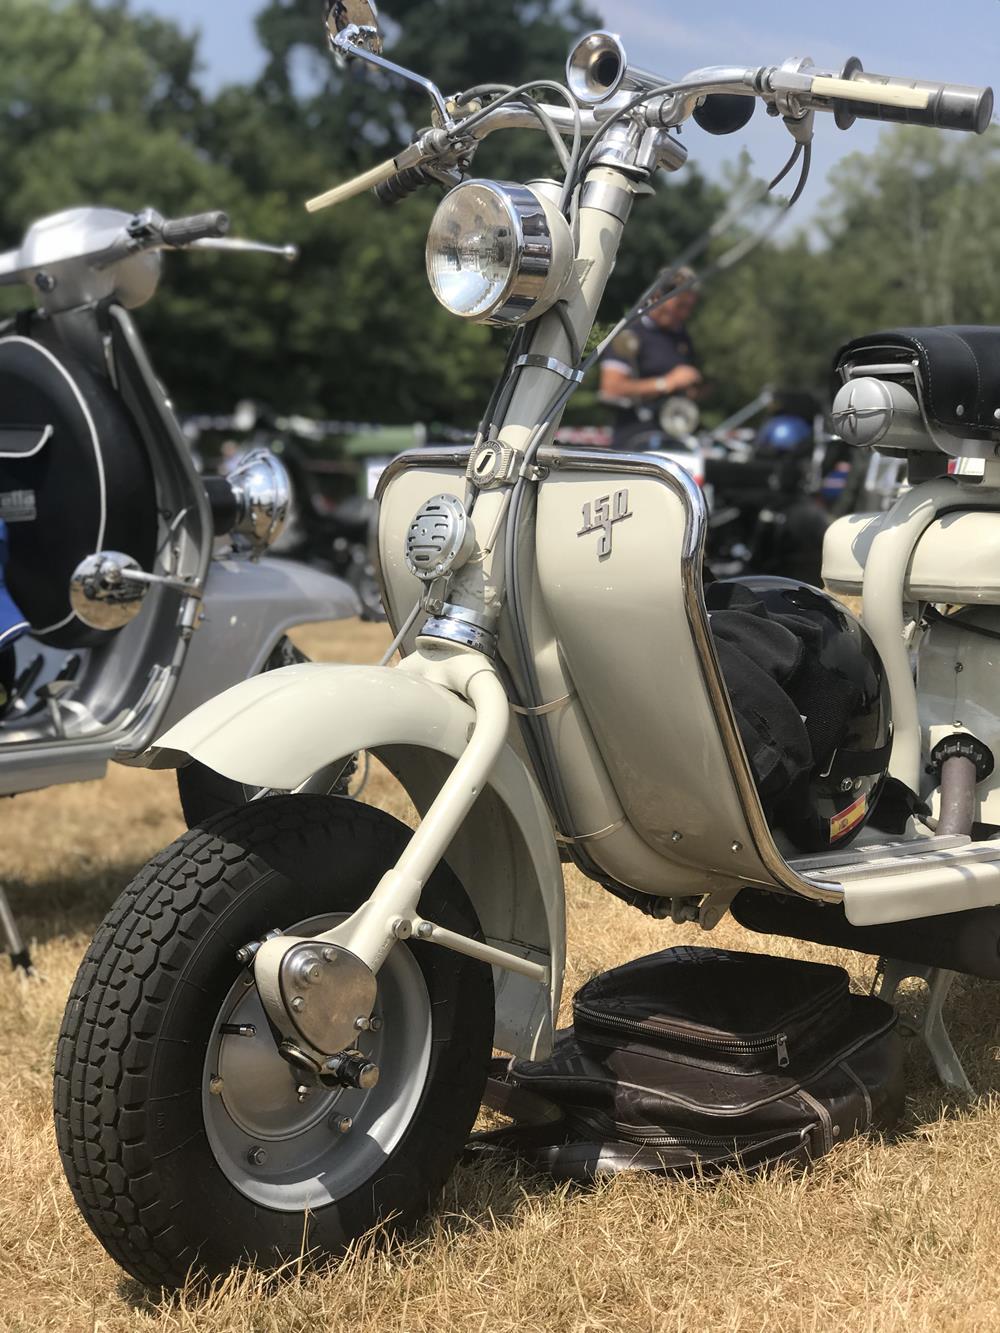 Vintage Model D scooter